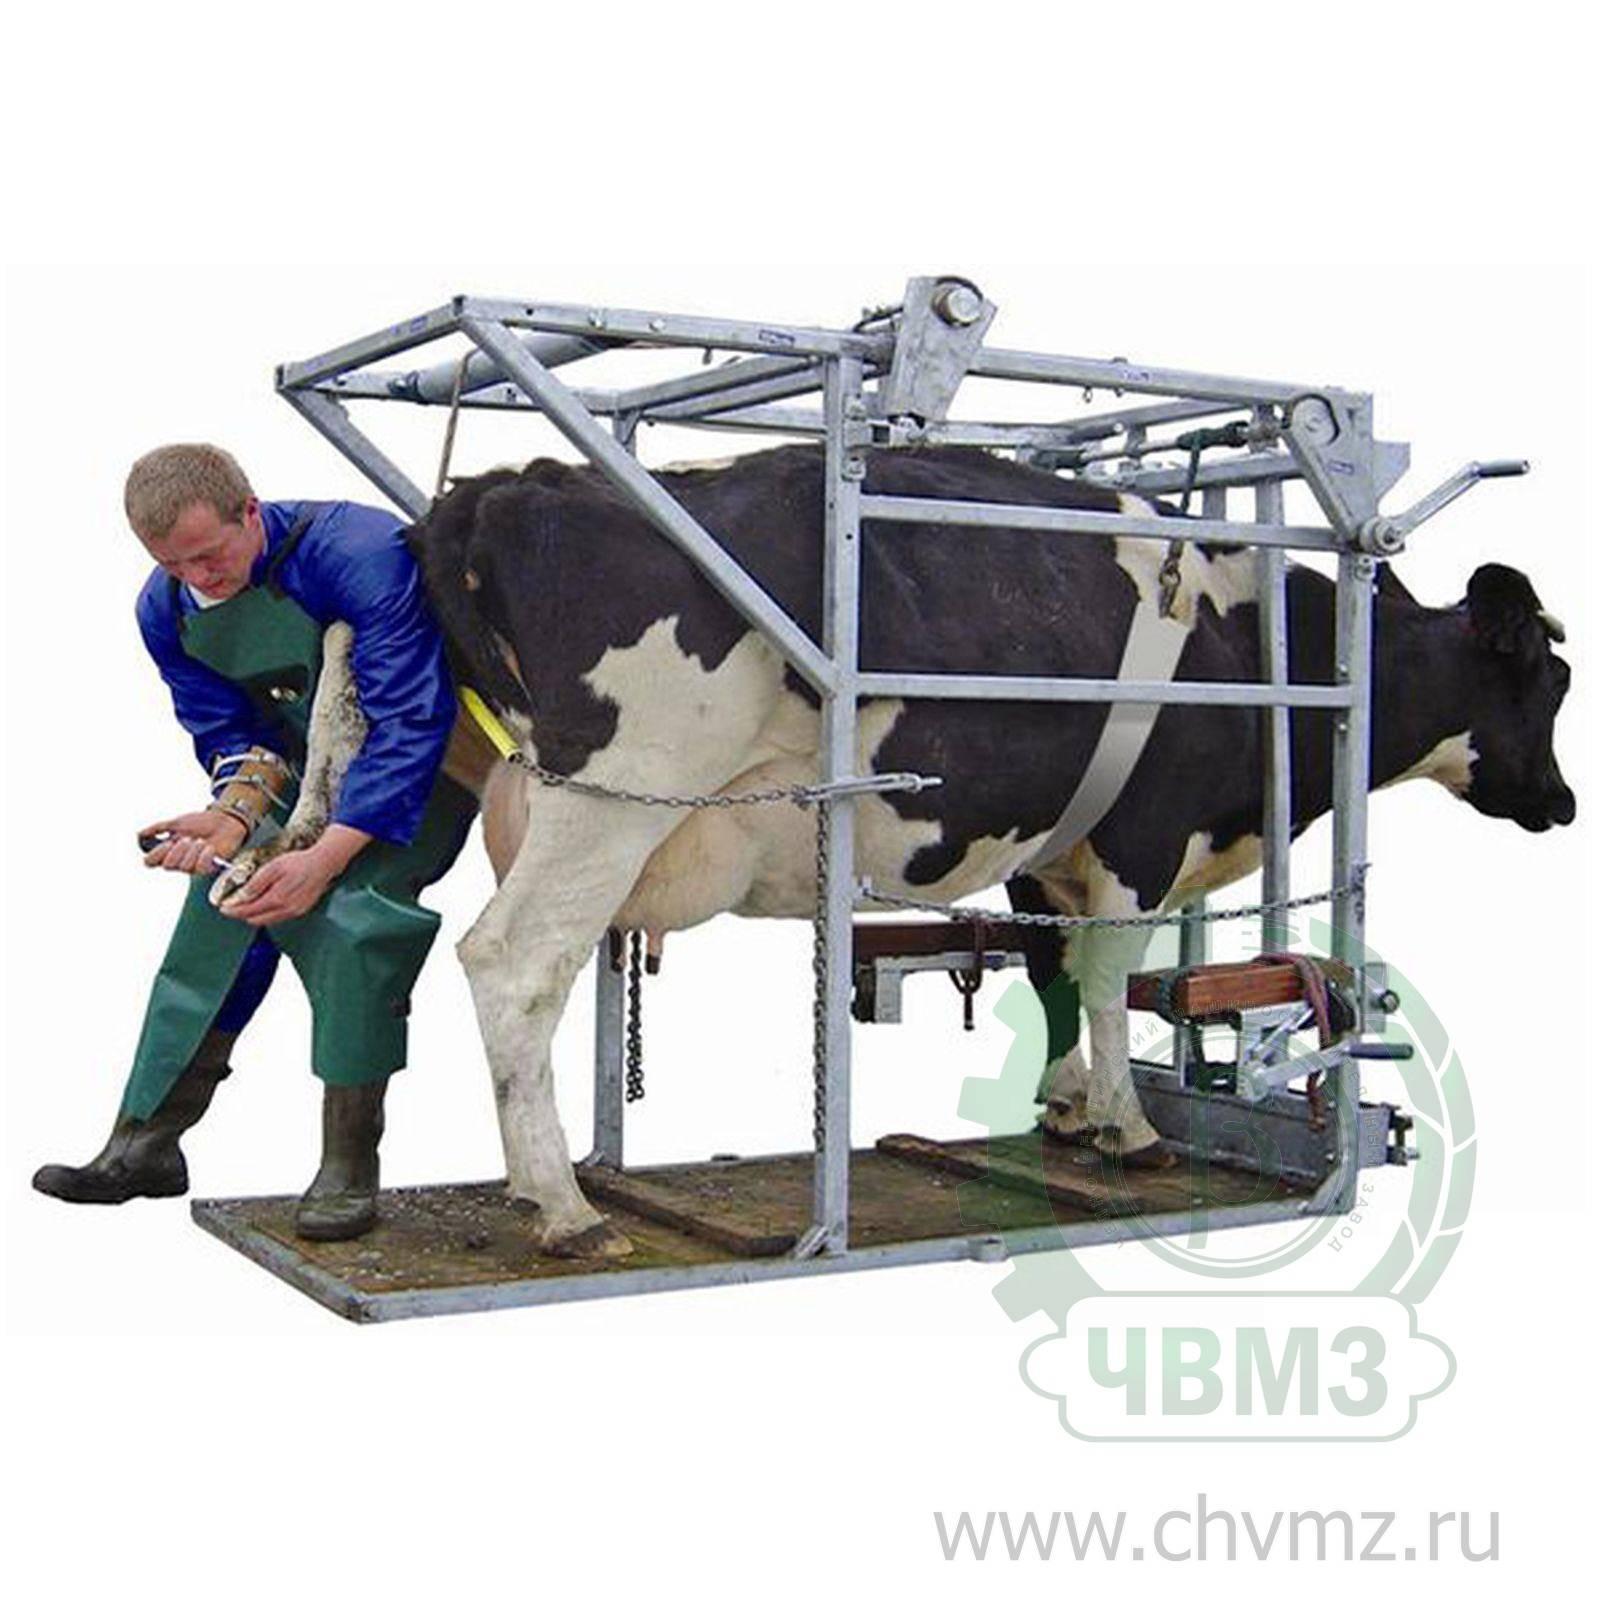 Станок для ветеринарных процедур и обработки копыт скота - усс-агро